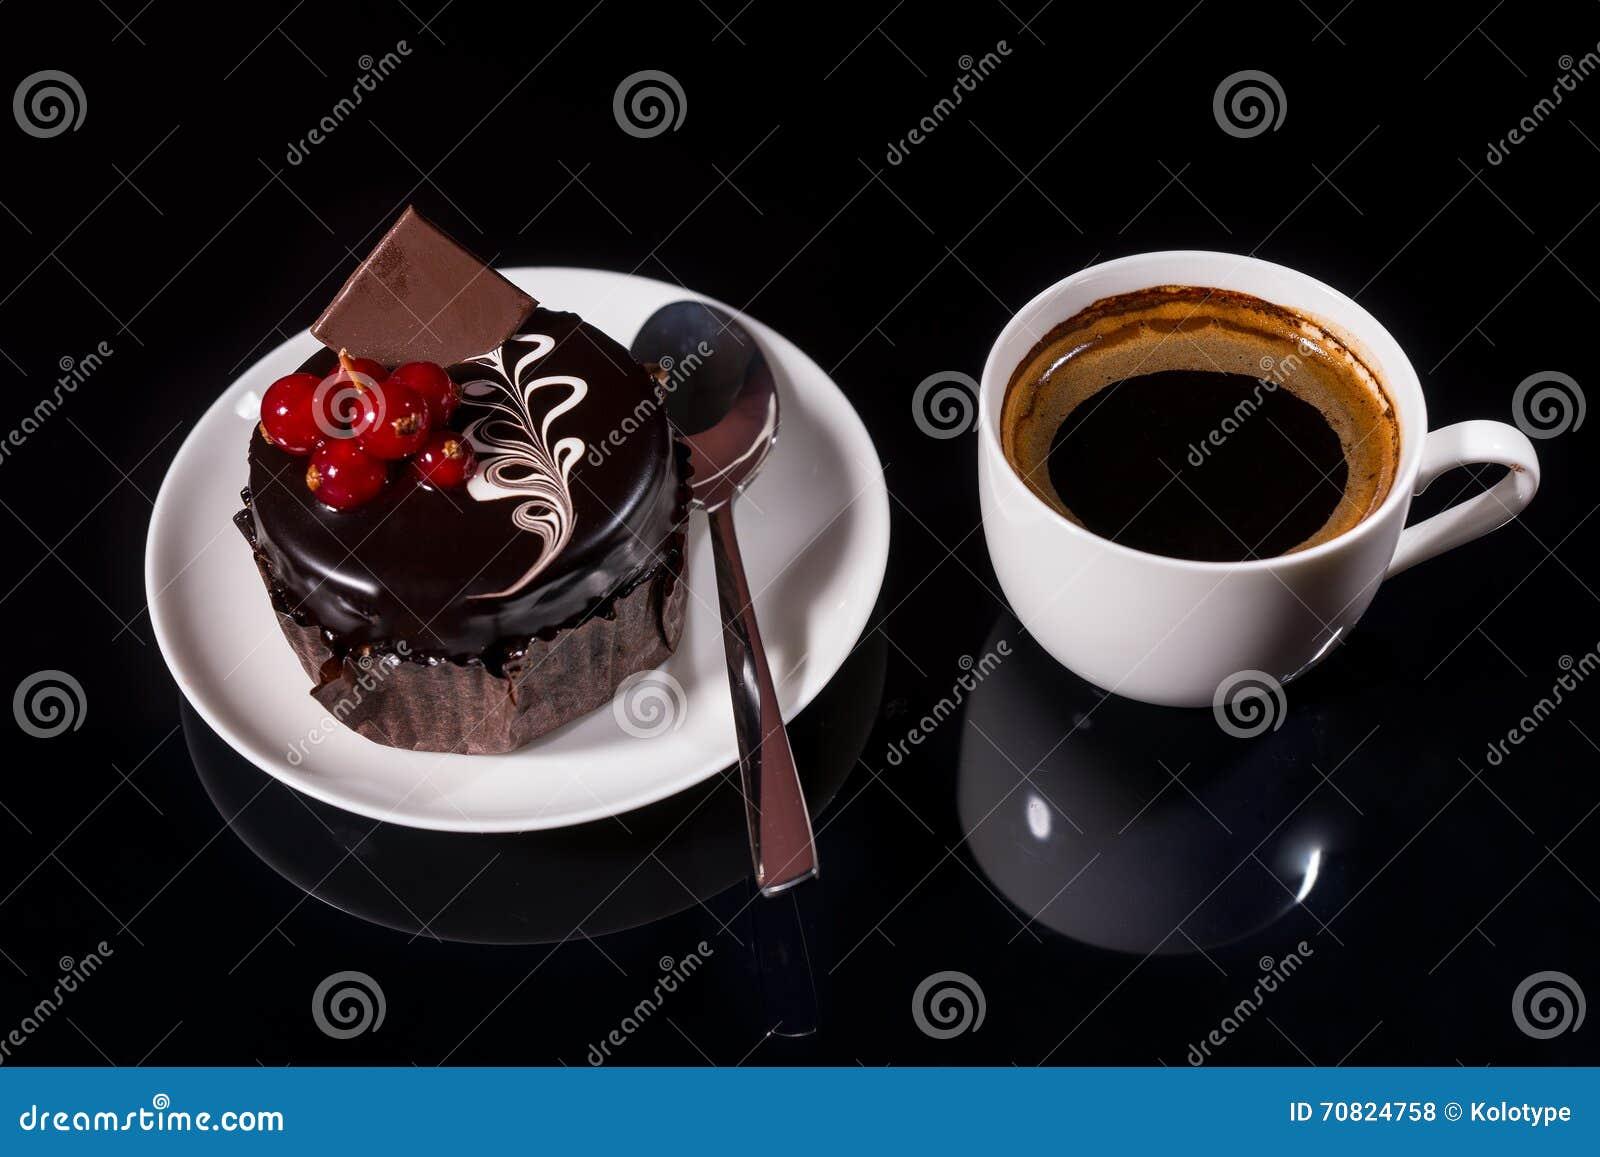 Gourmet Dark Chocolate Cake With Black Coffee